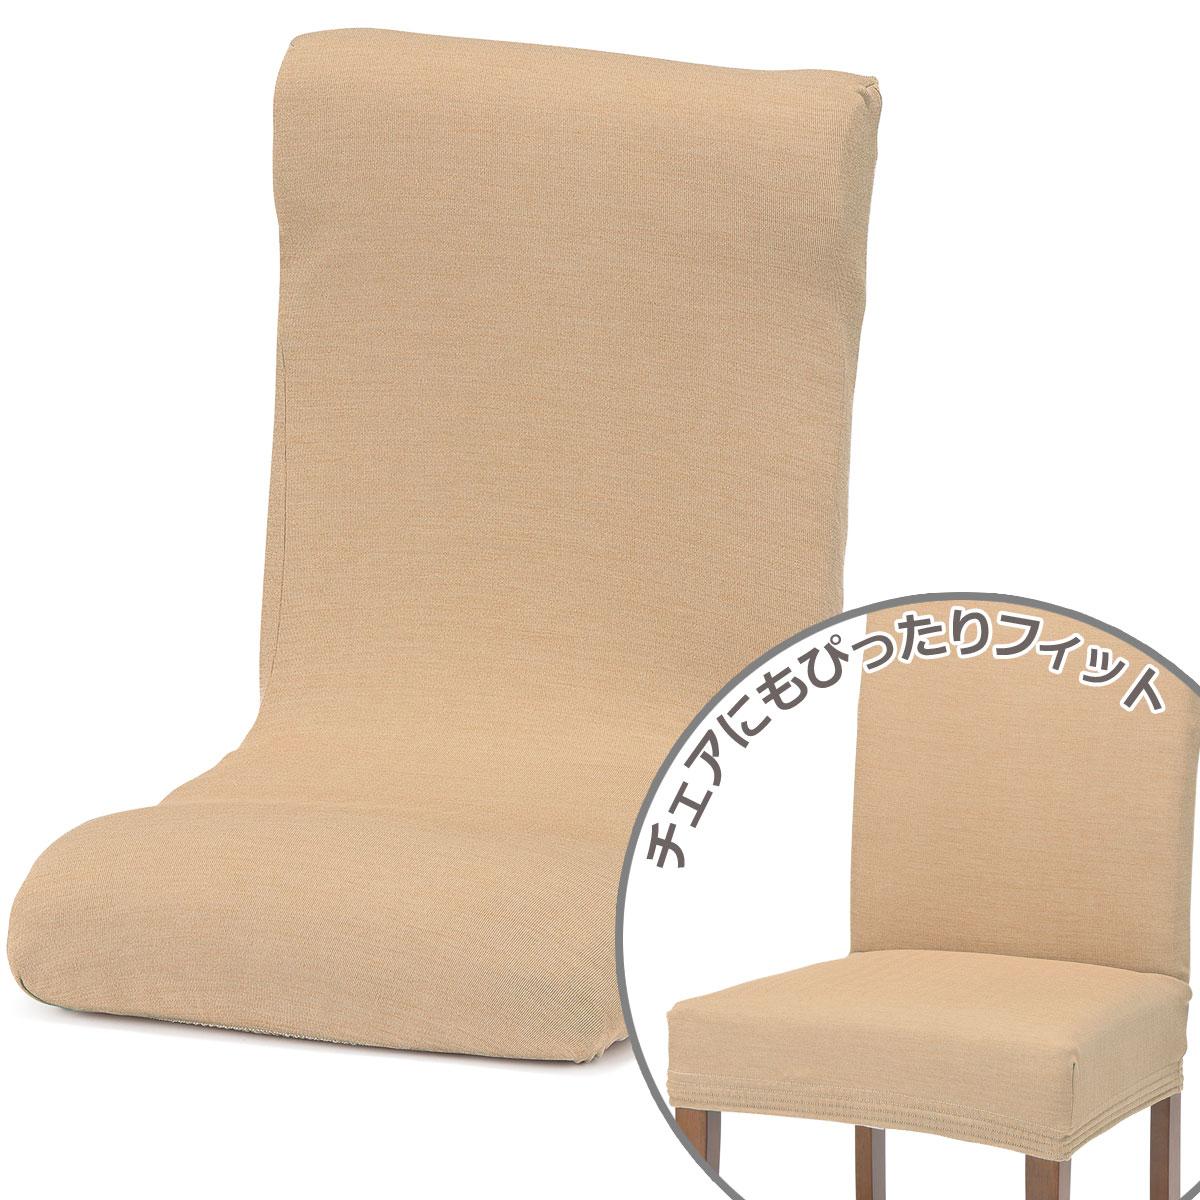 ストレッチ座椅子カバー(モク BE)